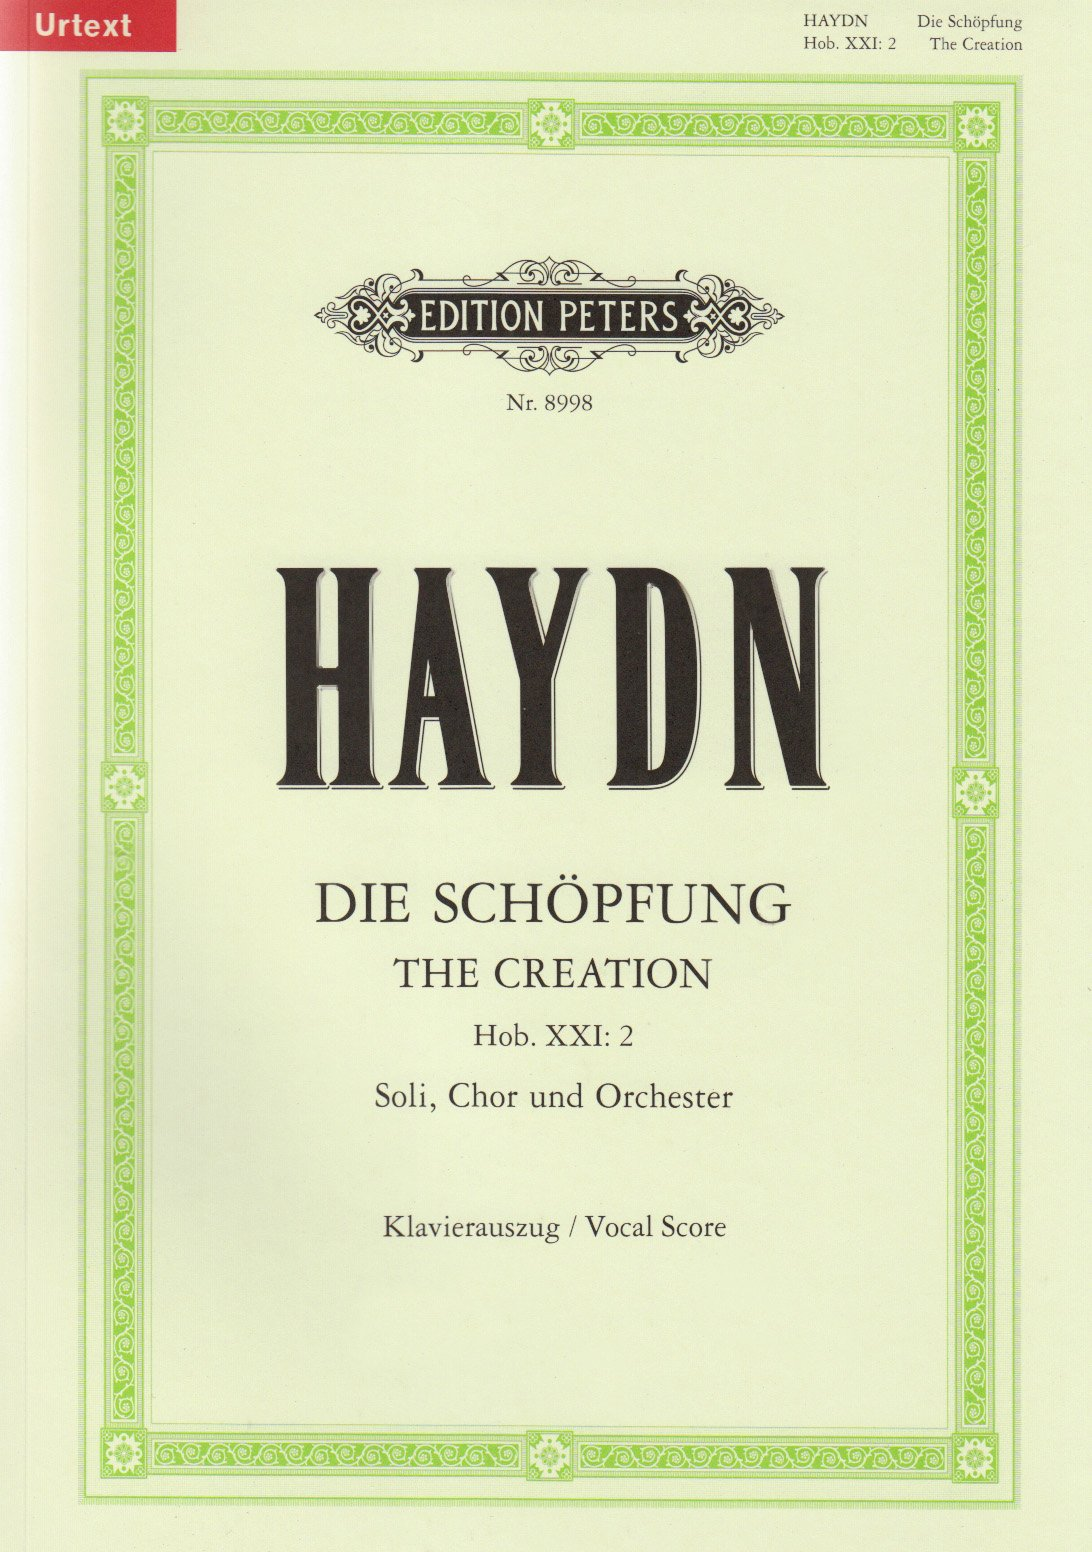 Die Schöpfung [The Creation] Hob. XXI: 2 / URTEXT: Oratorium für Solostimmen, Chor und Orchester / Klavierauszug